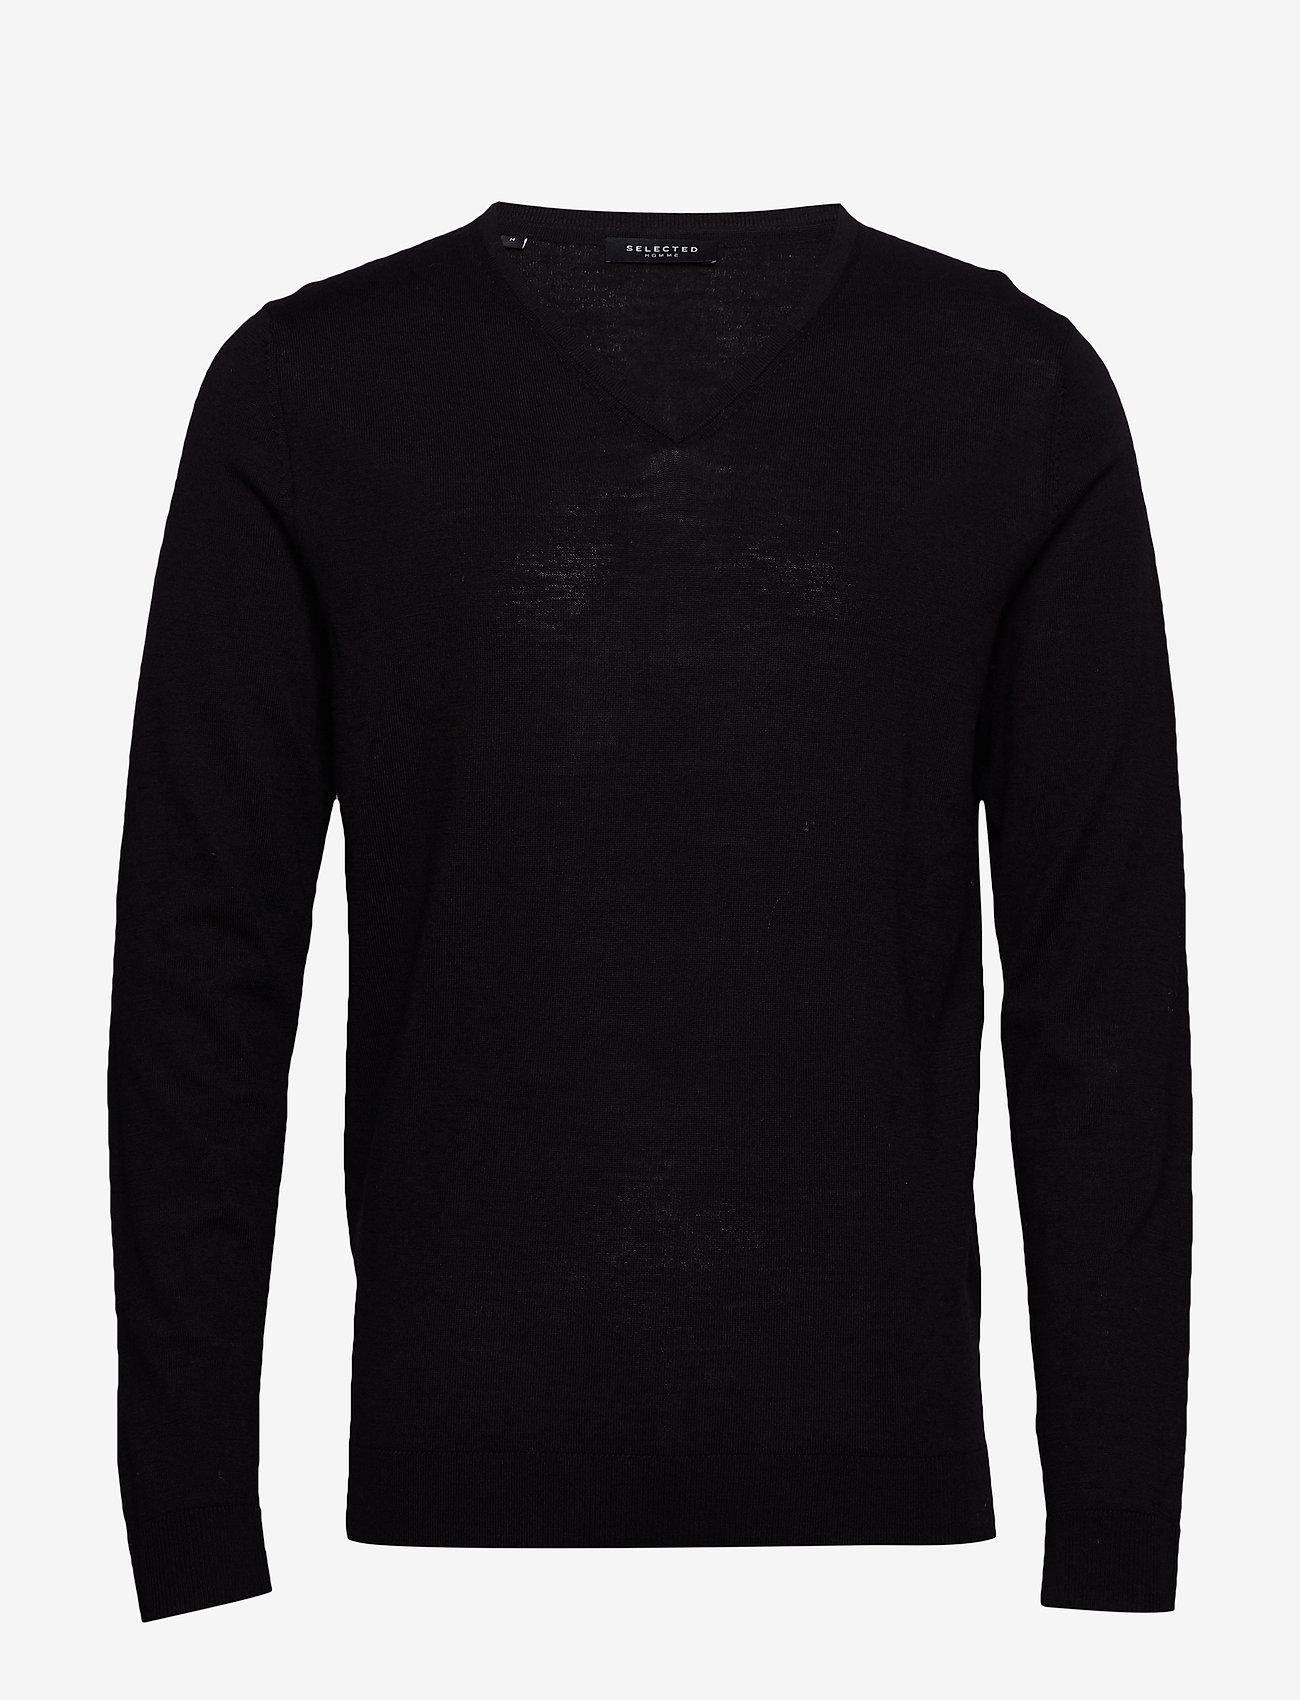 Selected Homme - SLHTOWER NEW MERINO V-NECK B NOOS - basic strik - black - 0